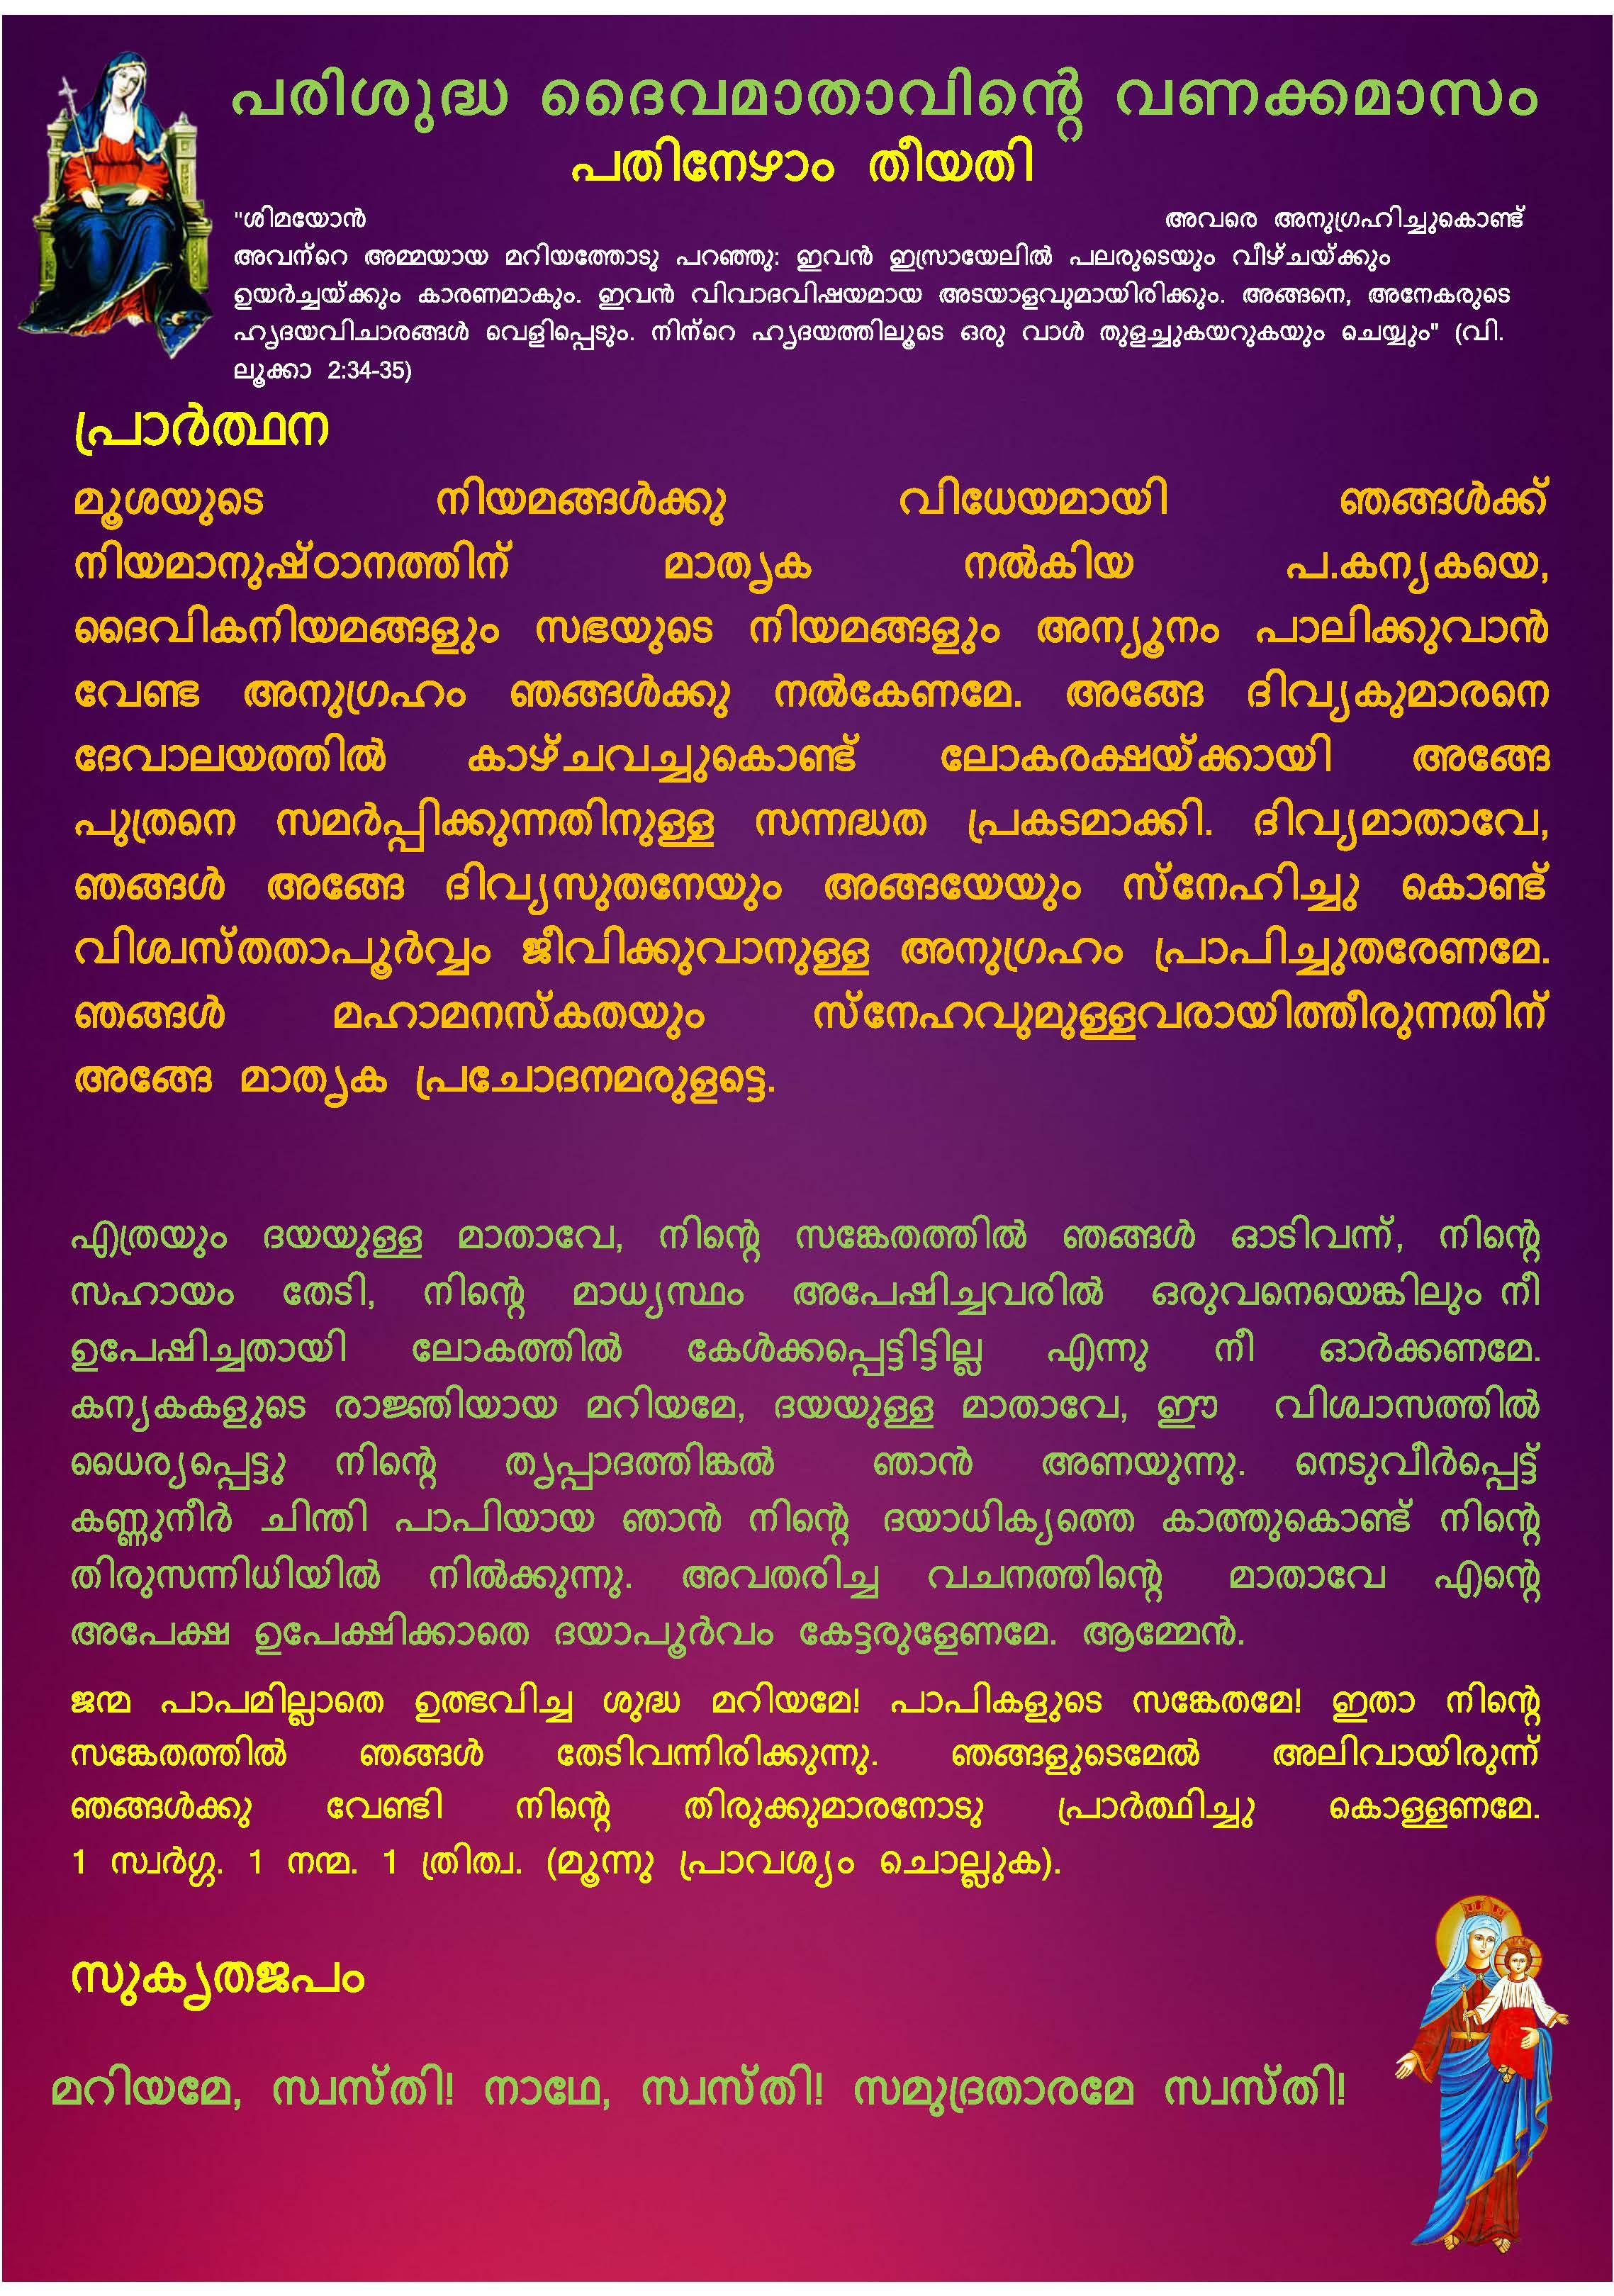 Mathavinte Vanakkamasam May 17